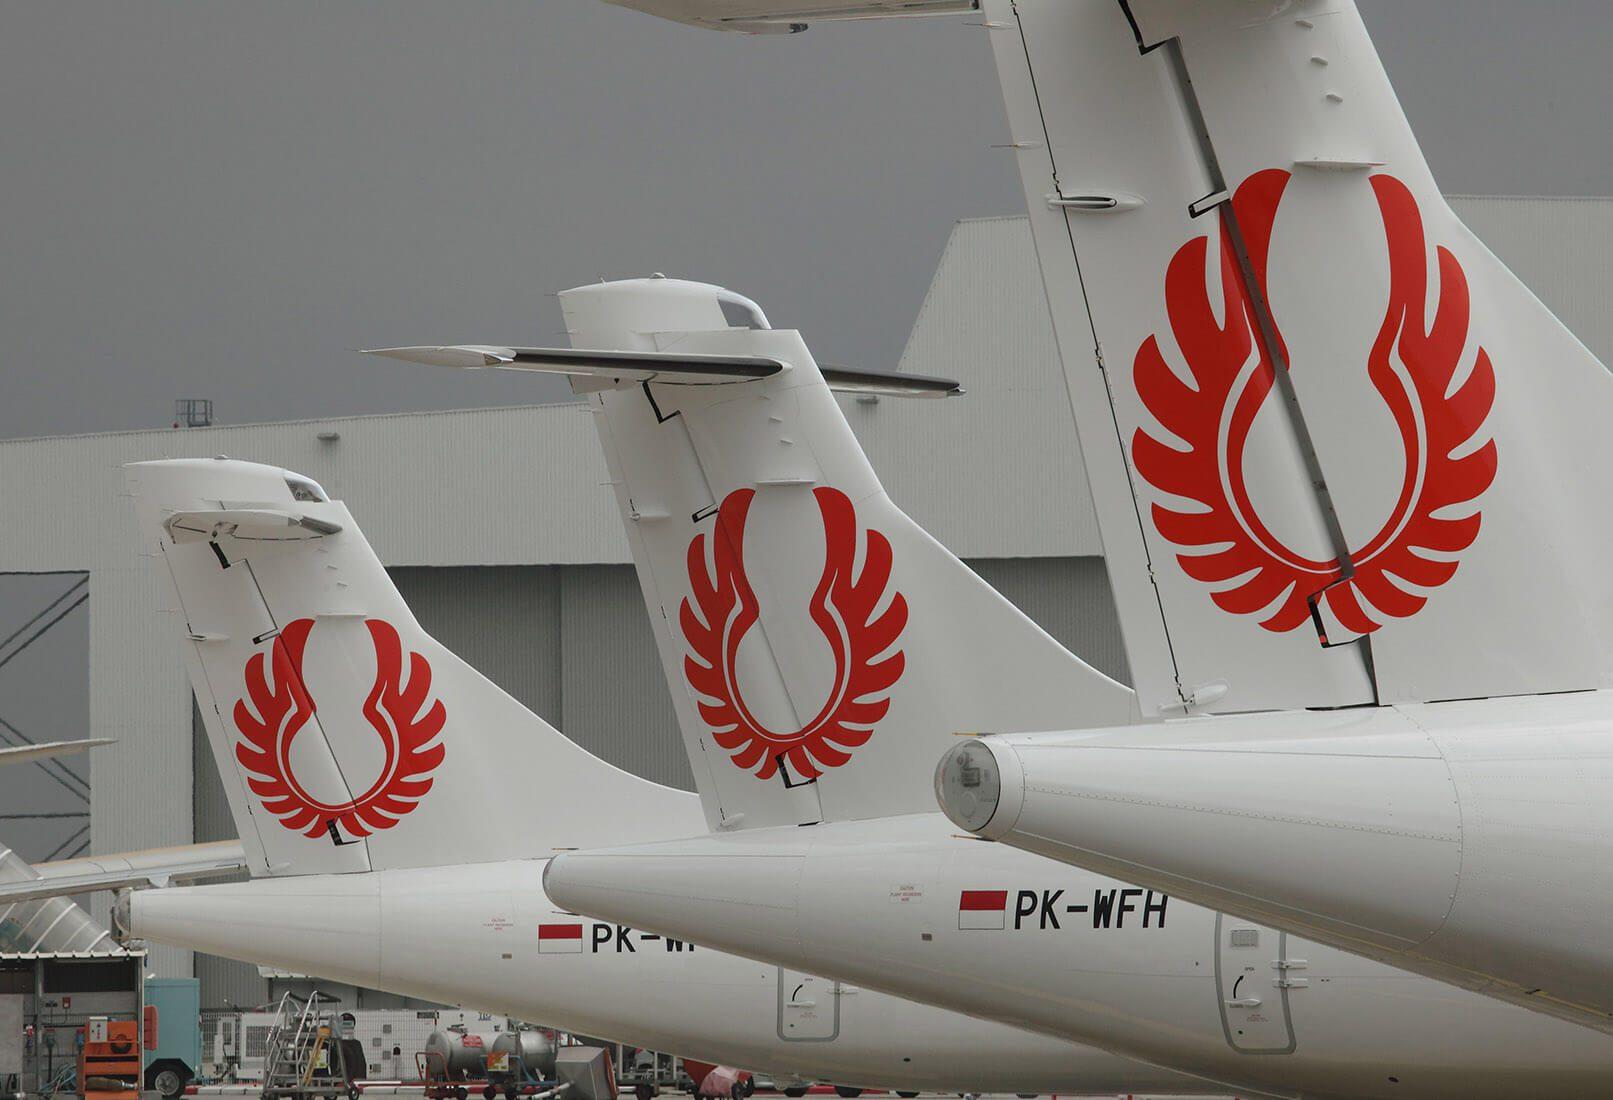 Falko adds 10 ATR72-500 aircraft to portfolio